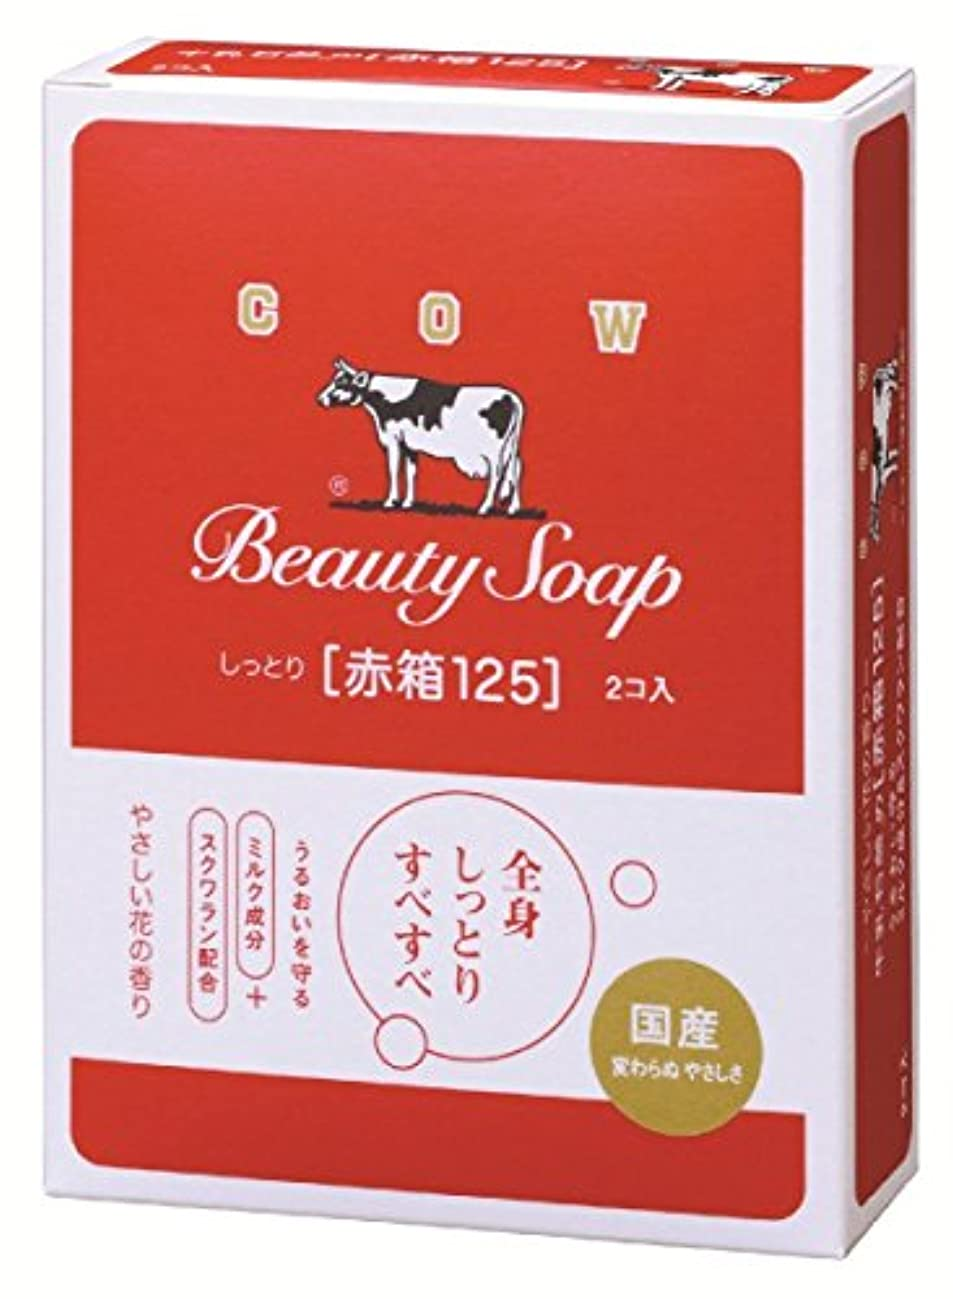 雹地下チョーク【まとめ買い】カウブランド 赤箱 125 2個入 ×2セット